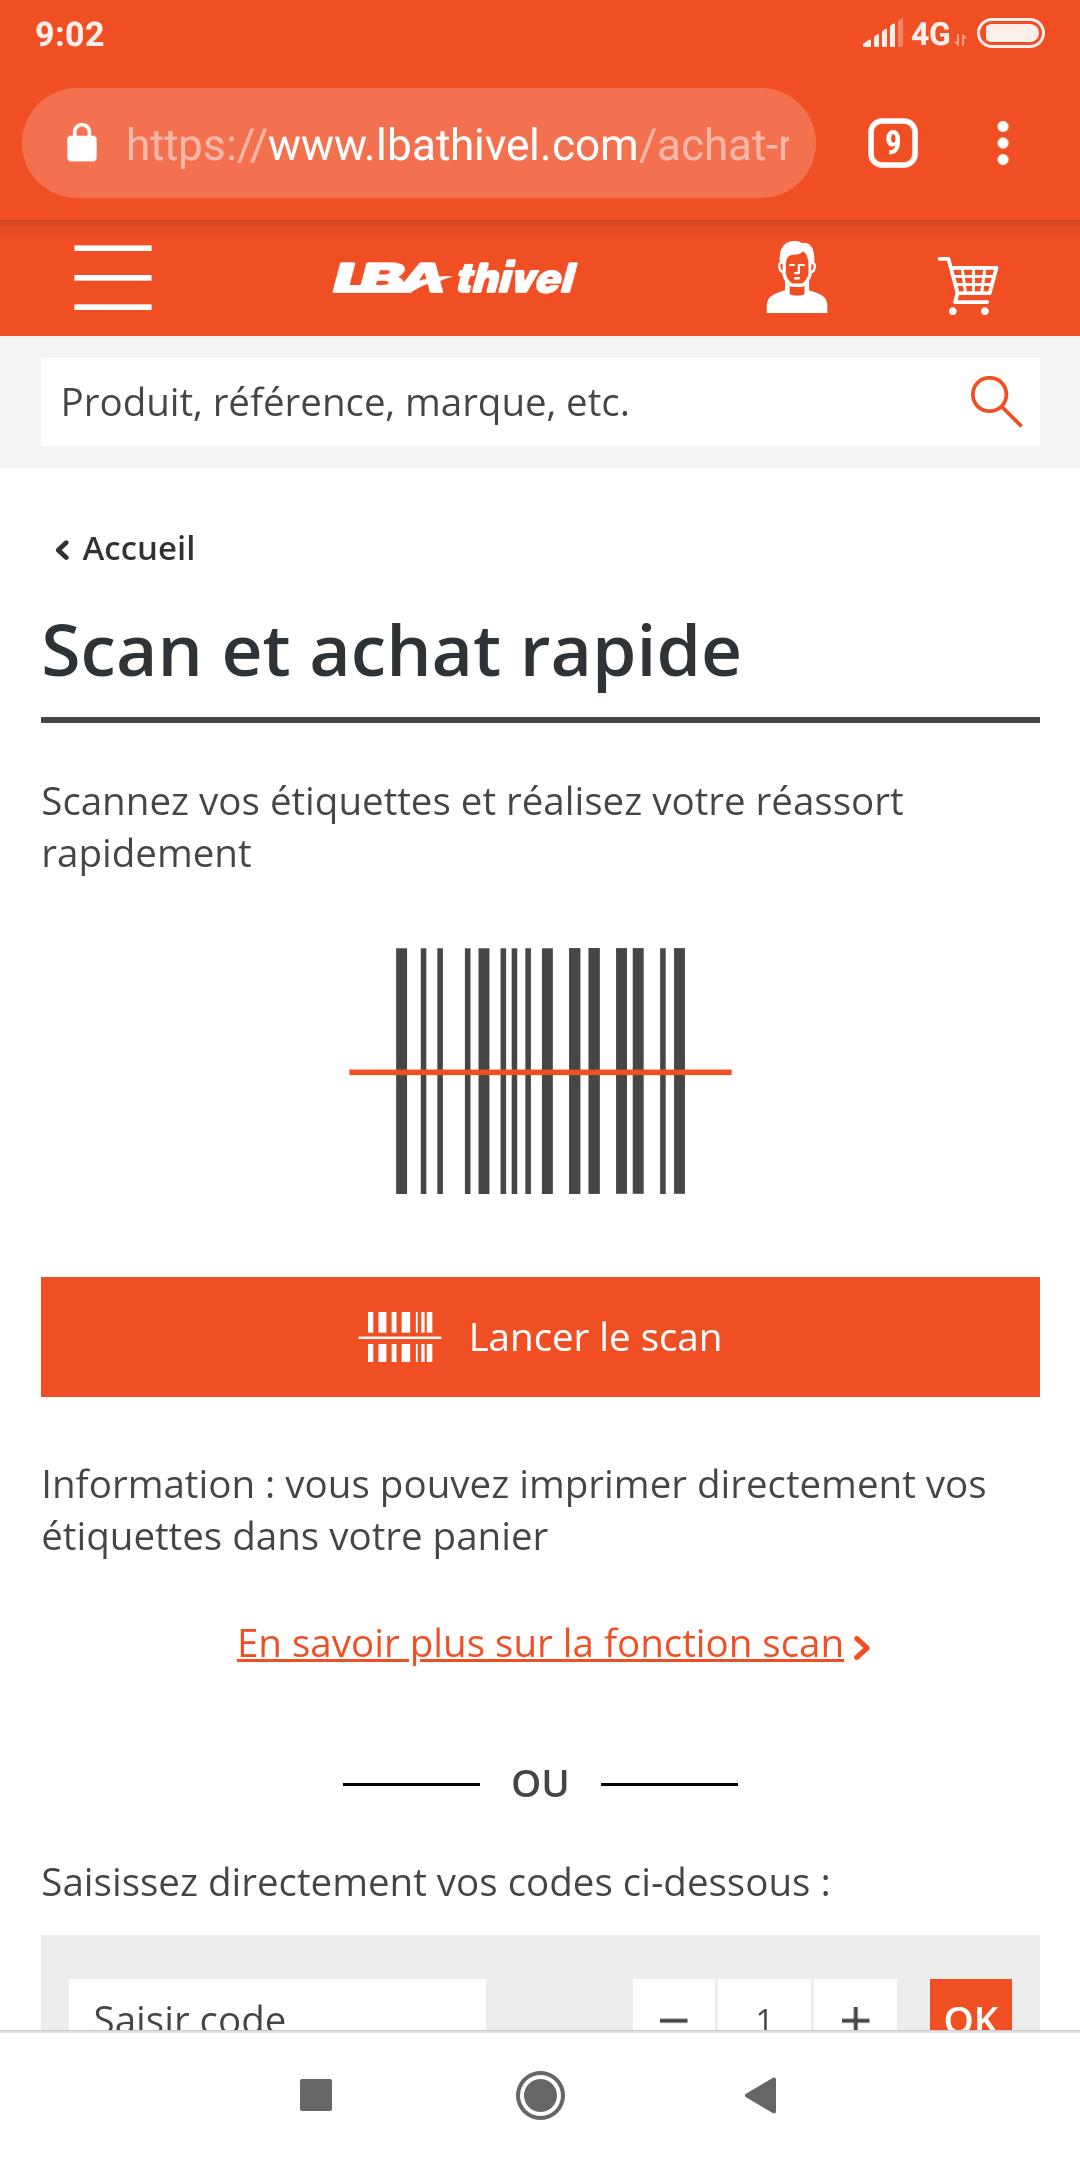 Page présentation scan